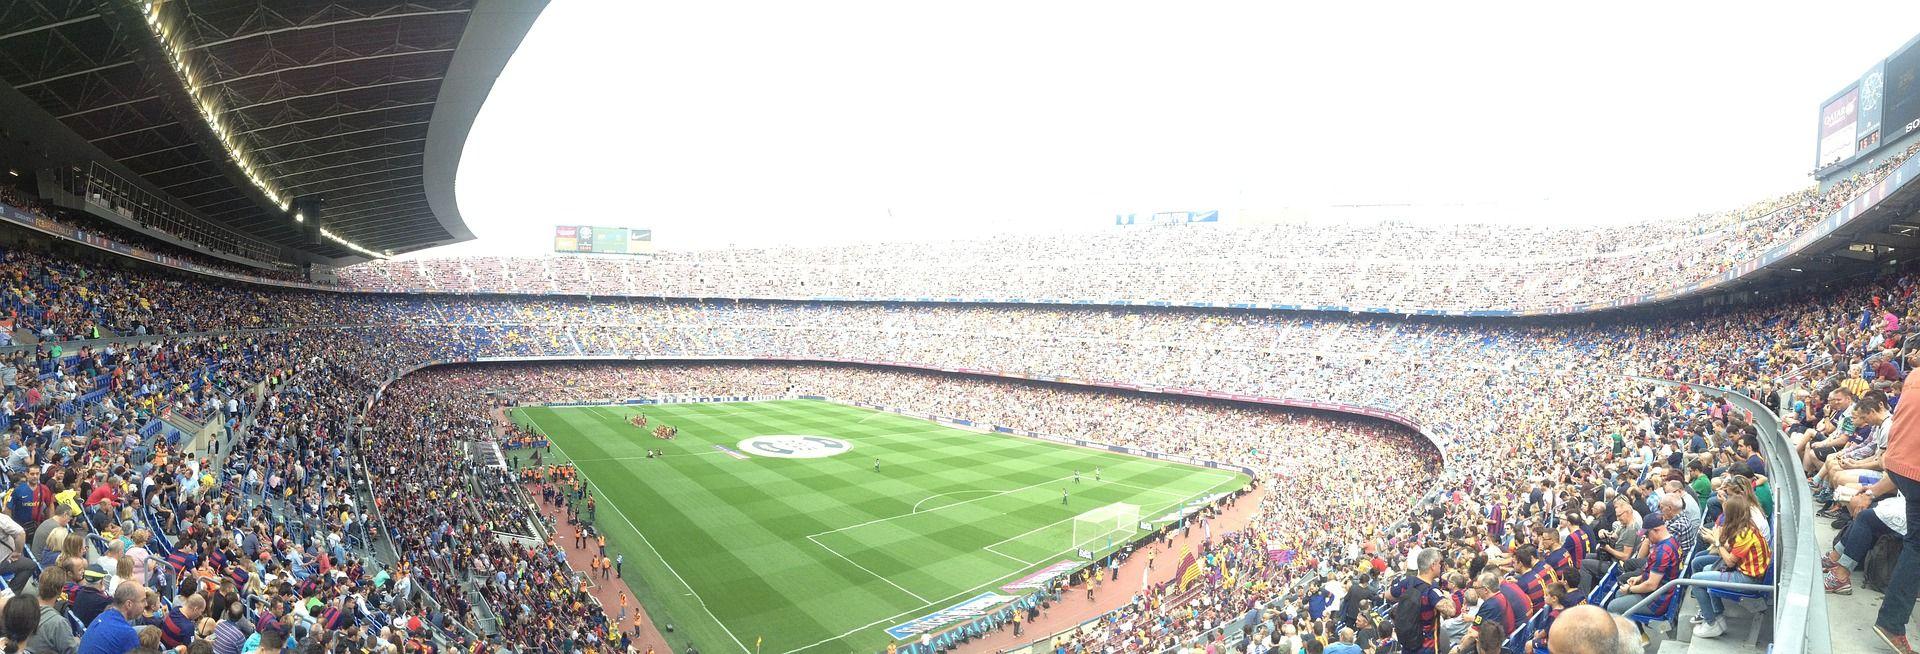 INTERNET NE ZABORAVLJA Sergi Guardiola potpisao za Barcelonu, ekspresno dobio otkaz zbog uvredljivih tweetova